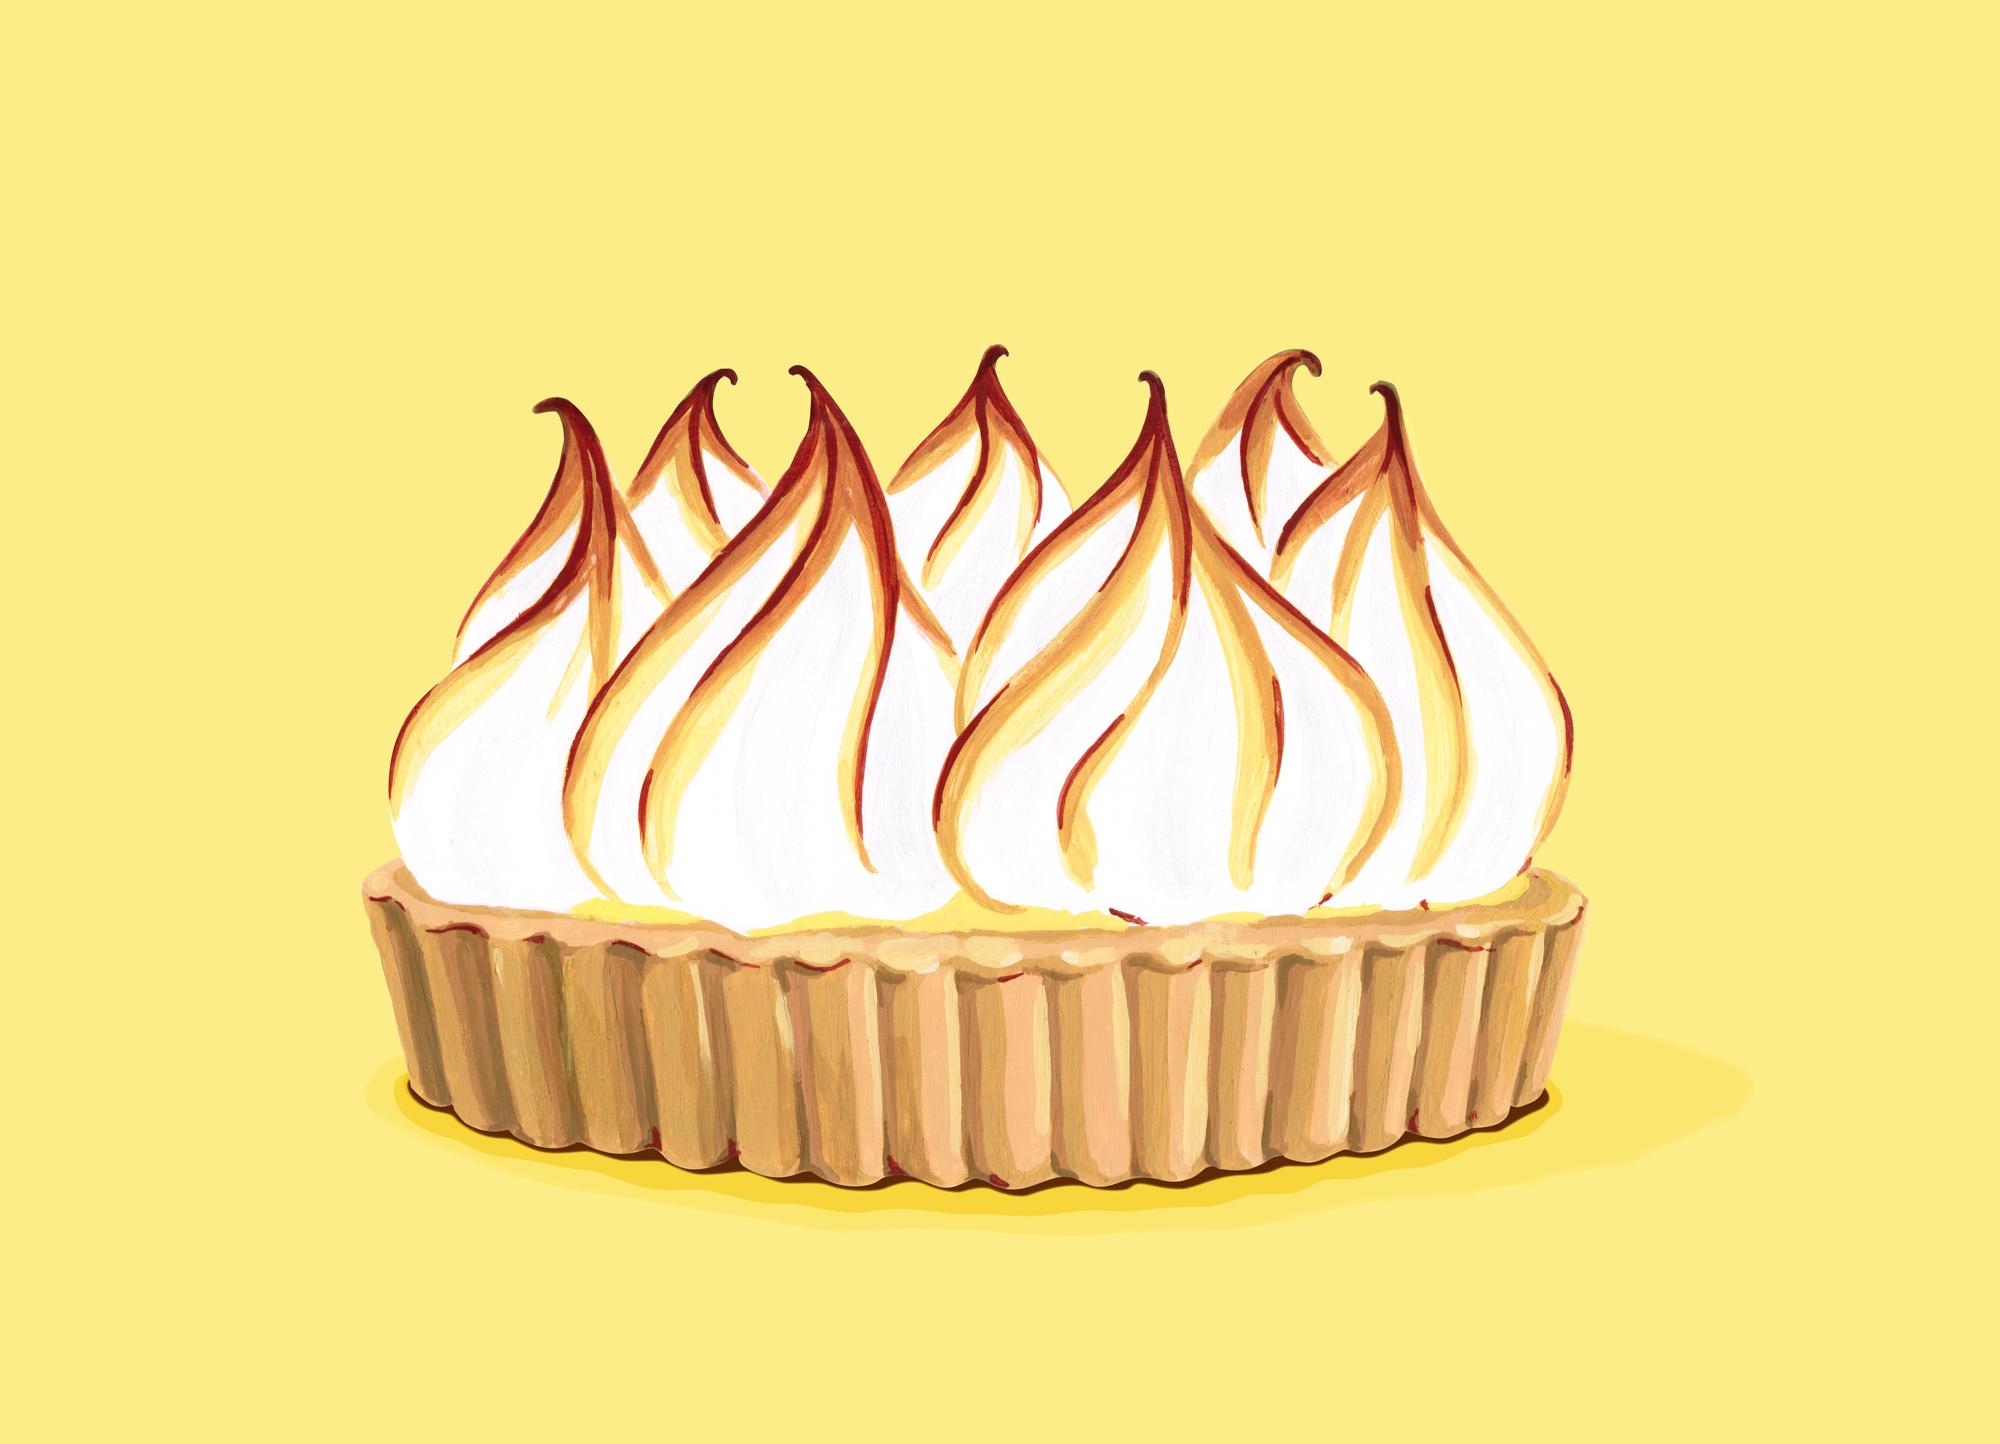 Andrea Gonzalez illustration L is for Lemon-Meringue Pie